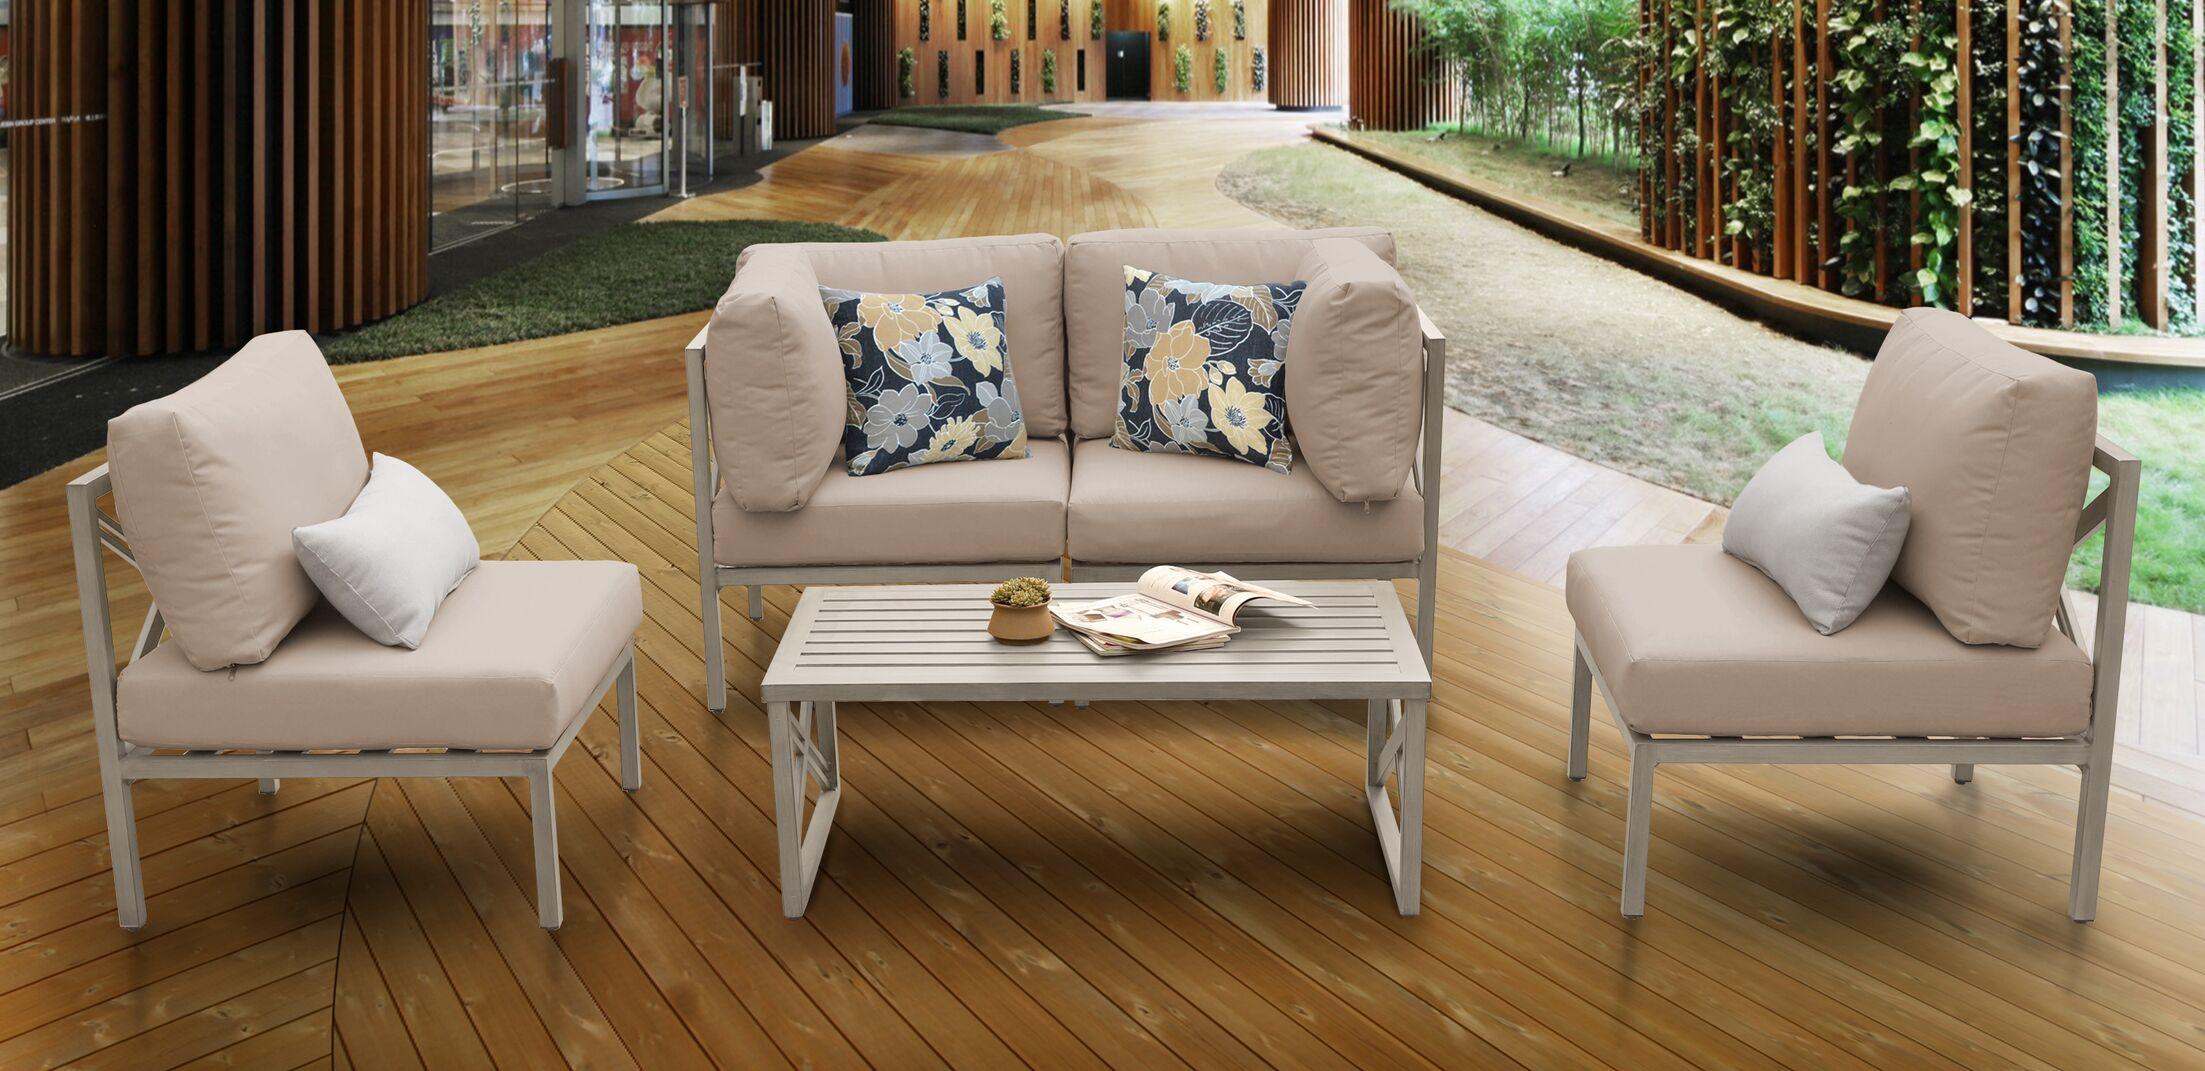 Carlisle 5 Piece Sofa Set with Cushions Cushion Color: Wheat